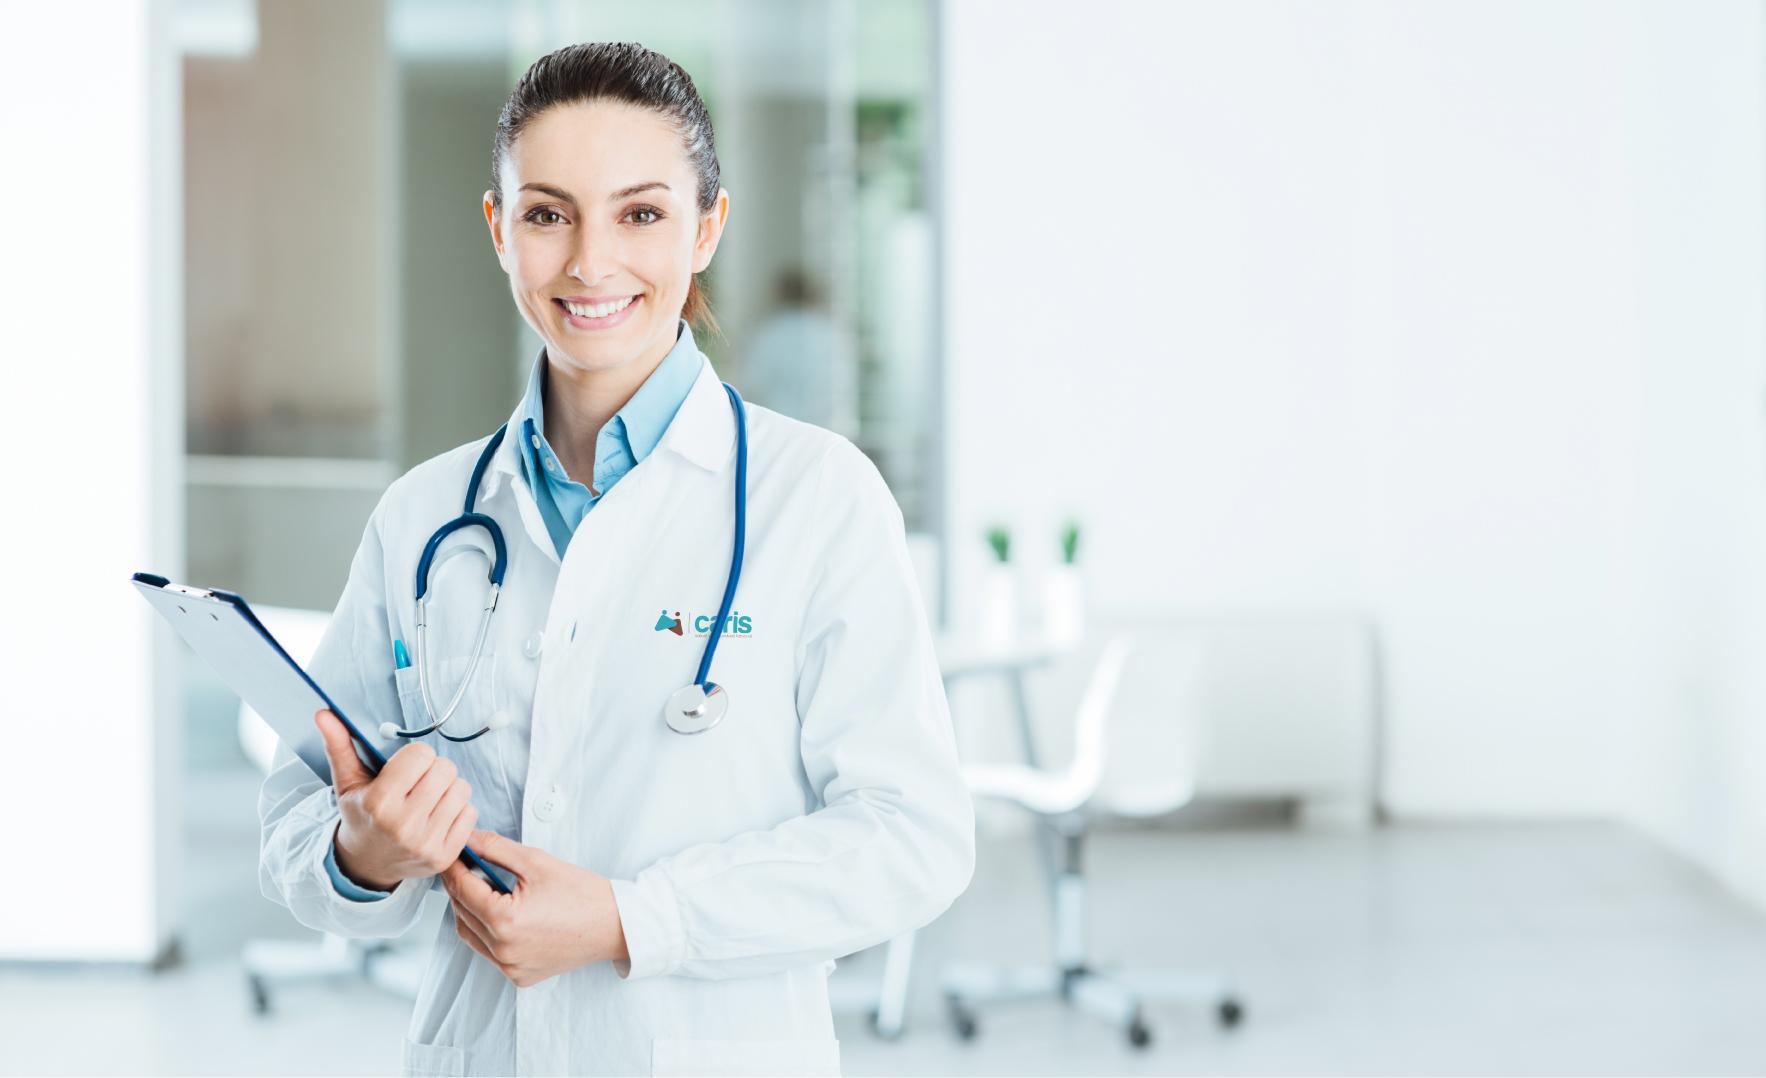 Examenes médicos ocupacionales